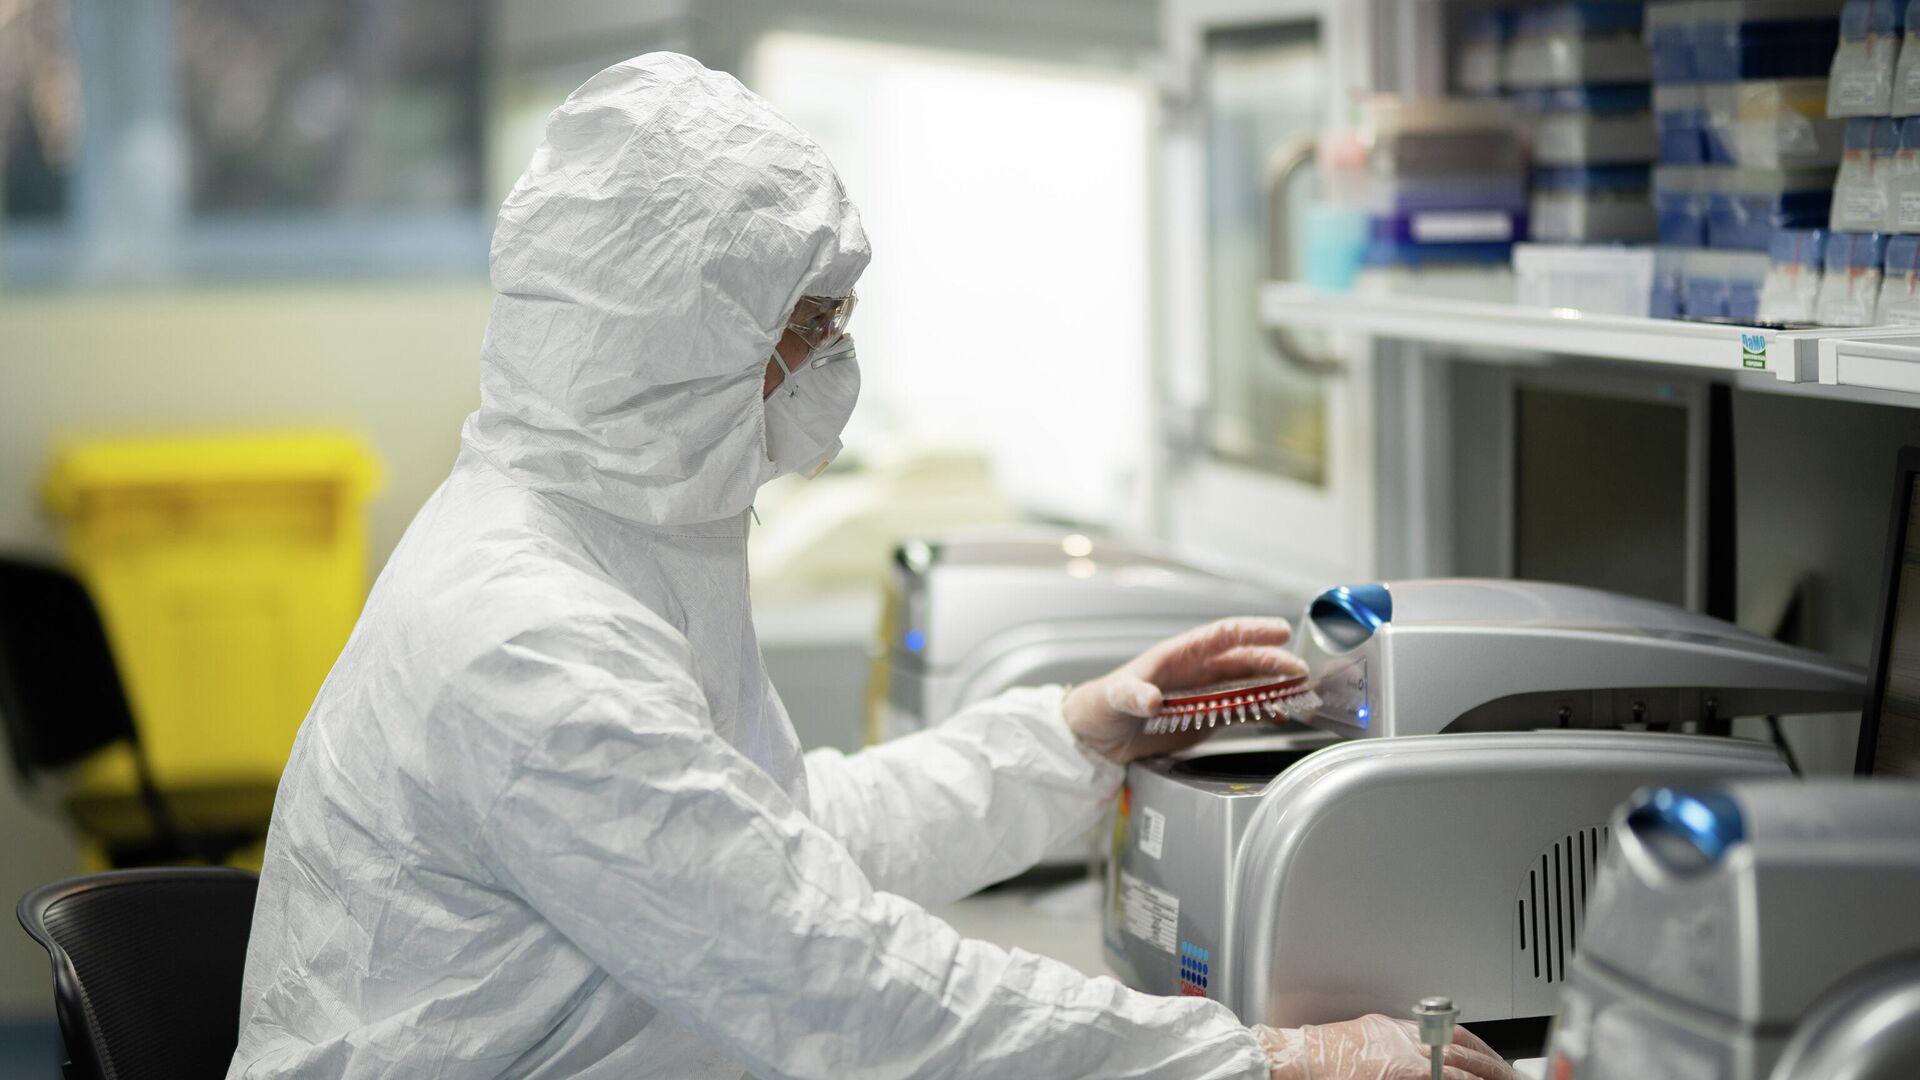 Лаборант в лаборатории государственного бюджетного учреждения Федеральный центр охраны здоровья животных  - РИА Новости, 1920, 29.08.2021